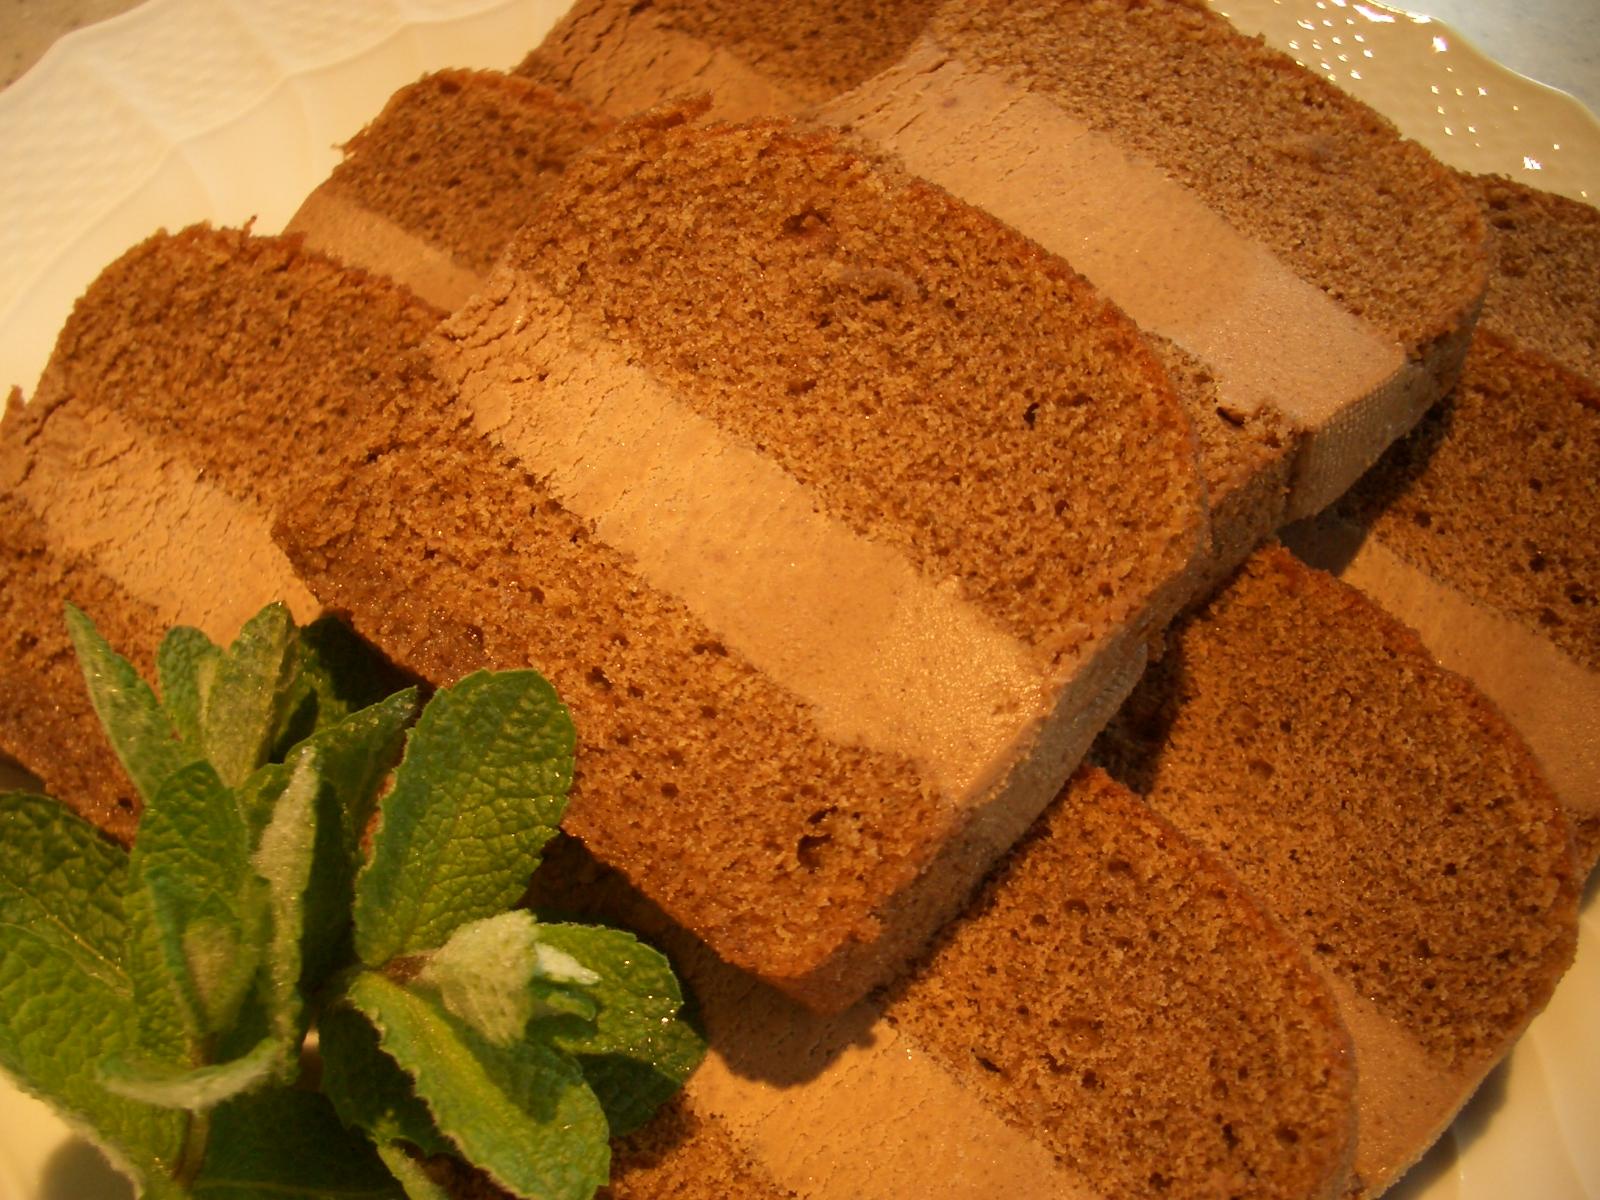 アールグレーガナッシュケーキ断面・要冷蔵